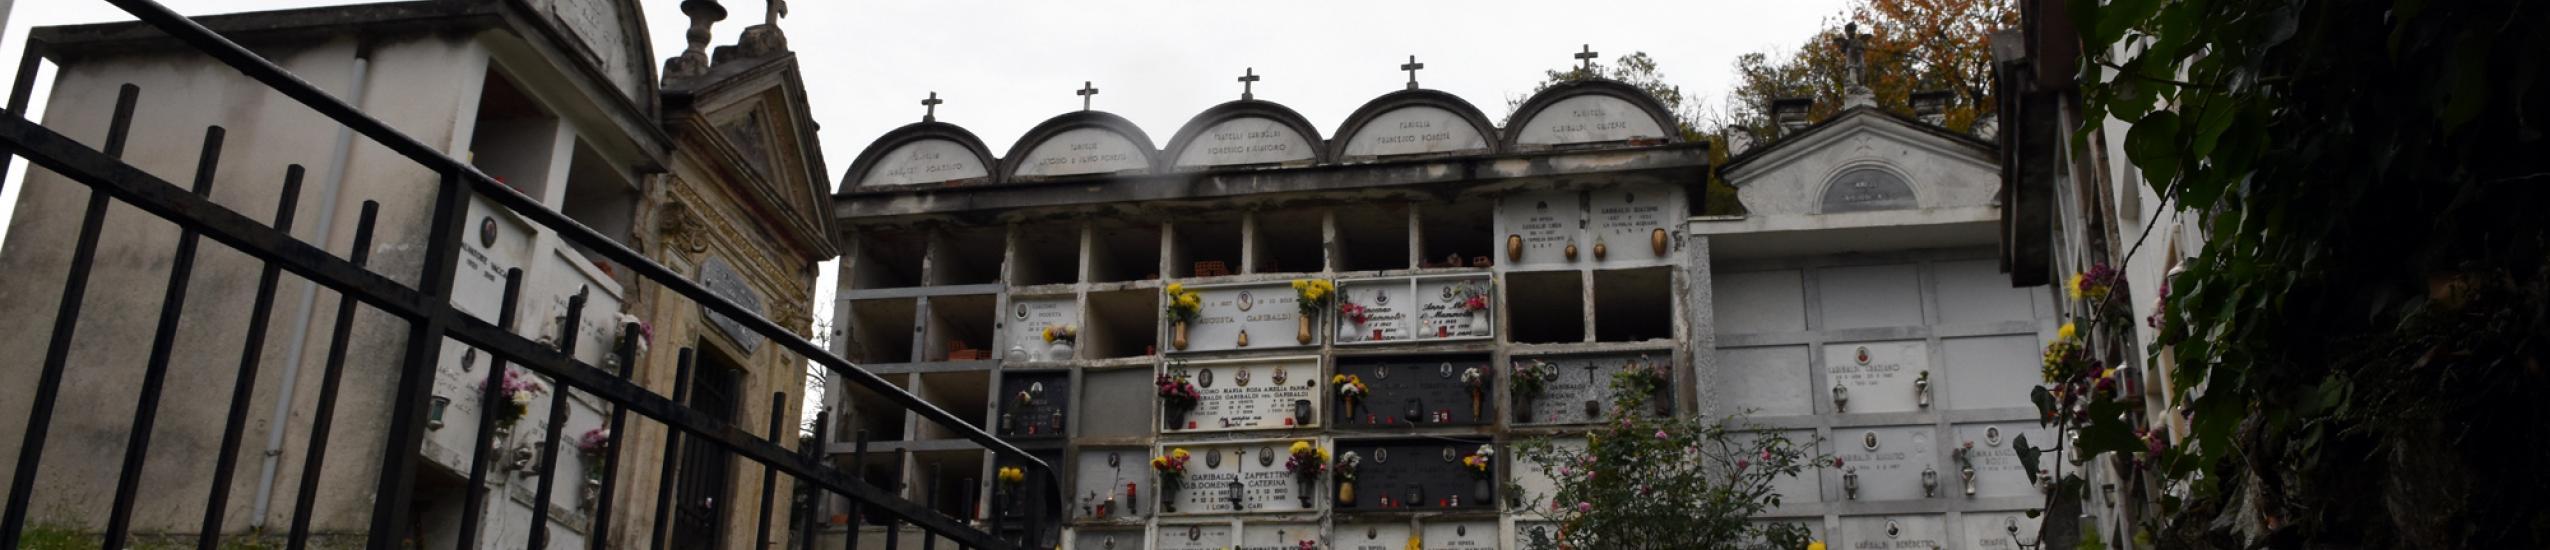 Cimitero di Sambuceto